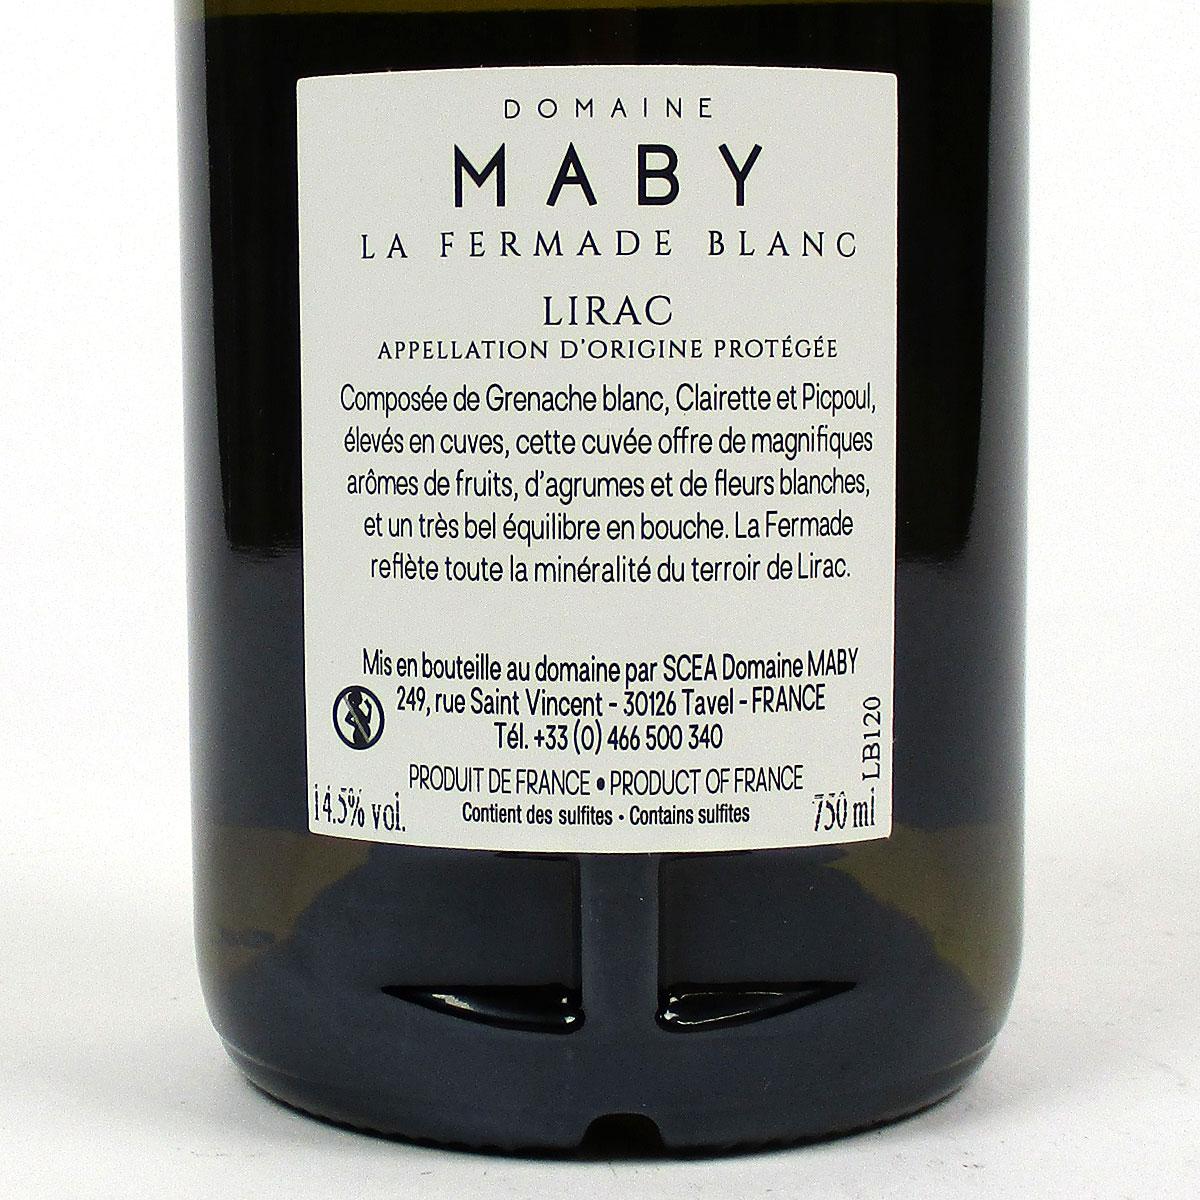 Lirac: Domaine Maby 'La Fermade' Blanc 2020 - Bottle Rear Label